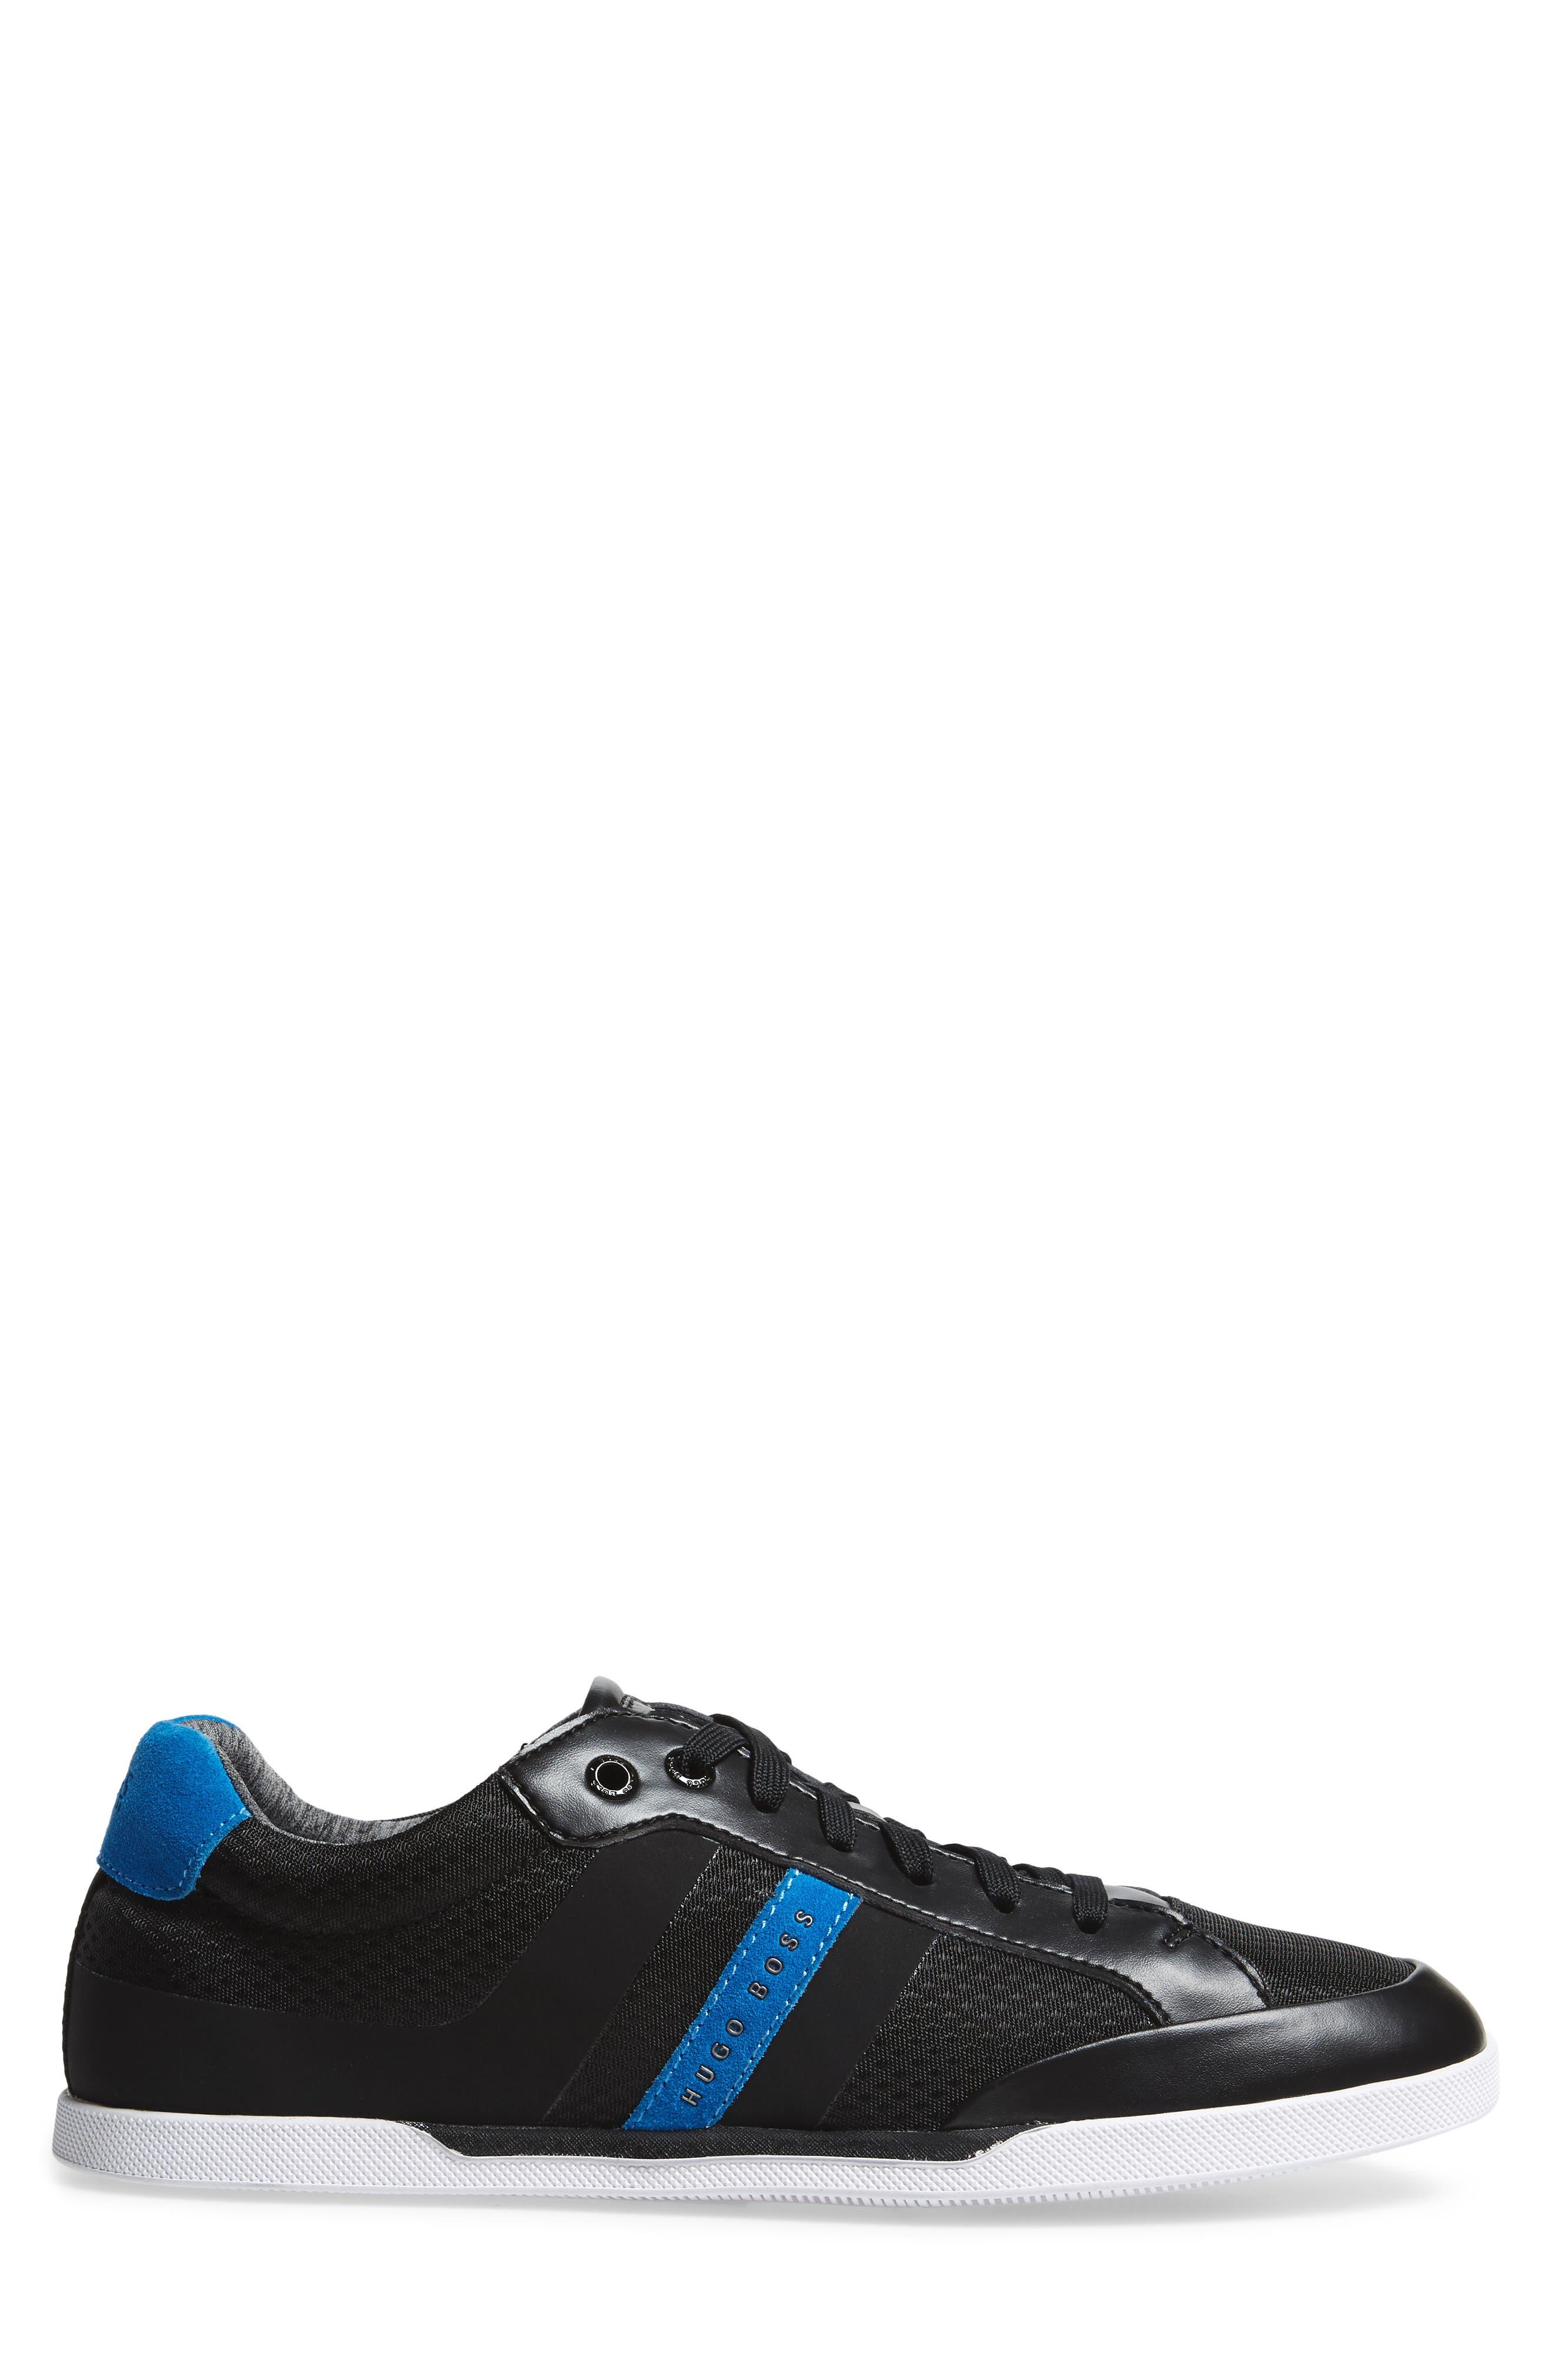 Shuttle Sneaker,                             Alternate thumbnail 3, color,                             BLACK